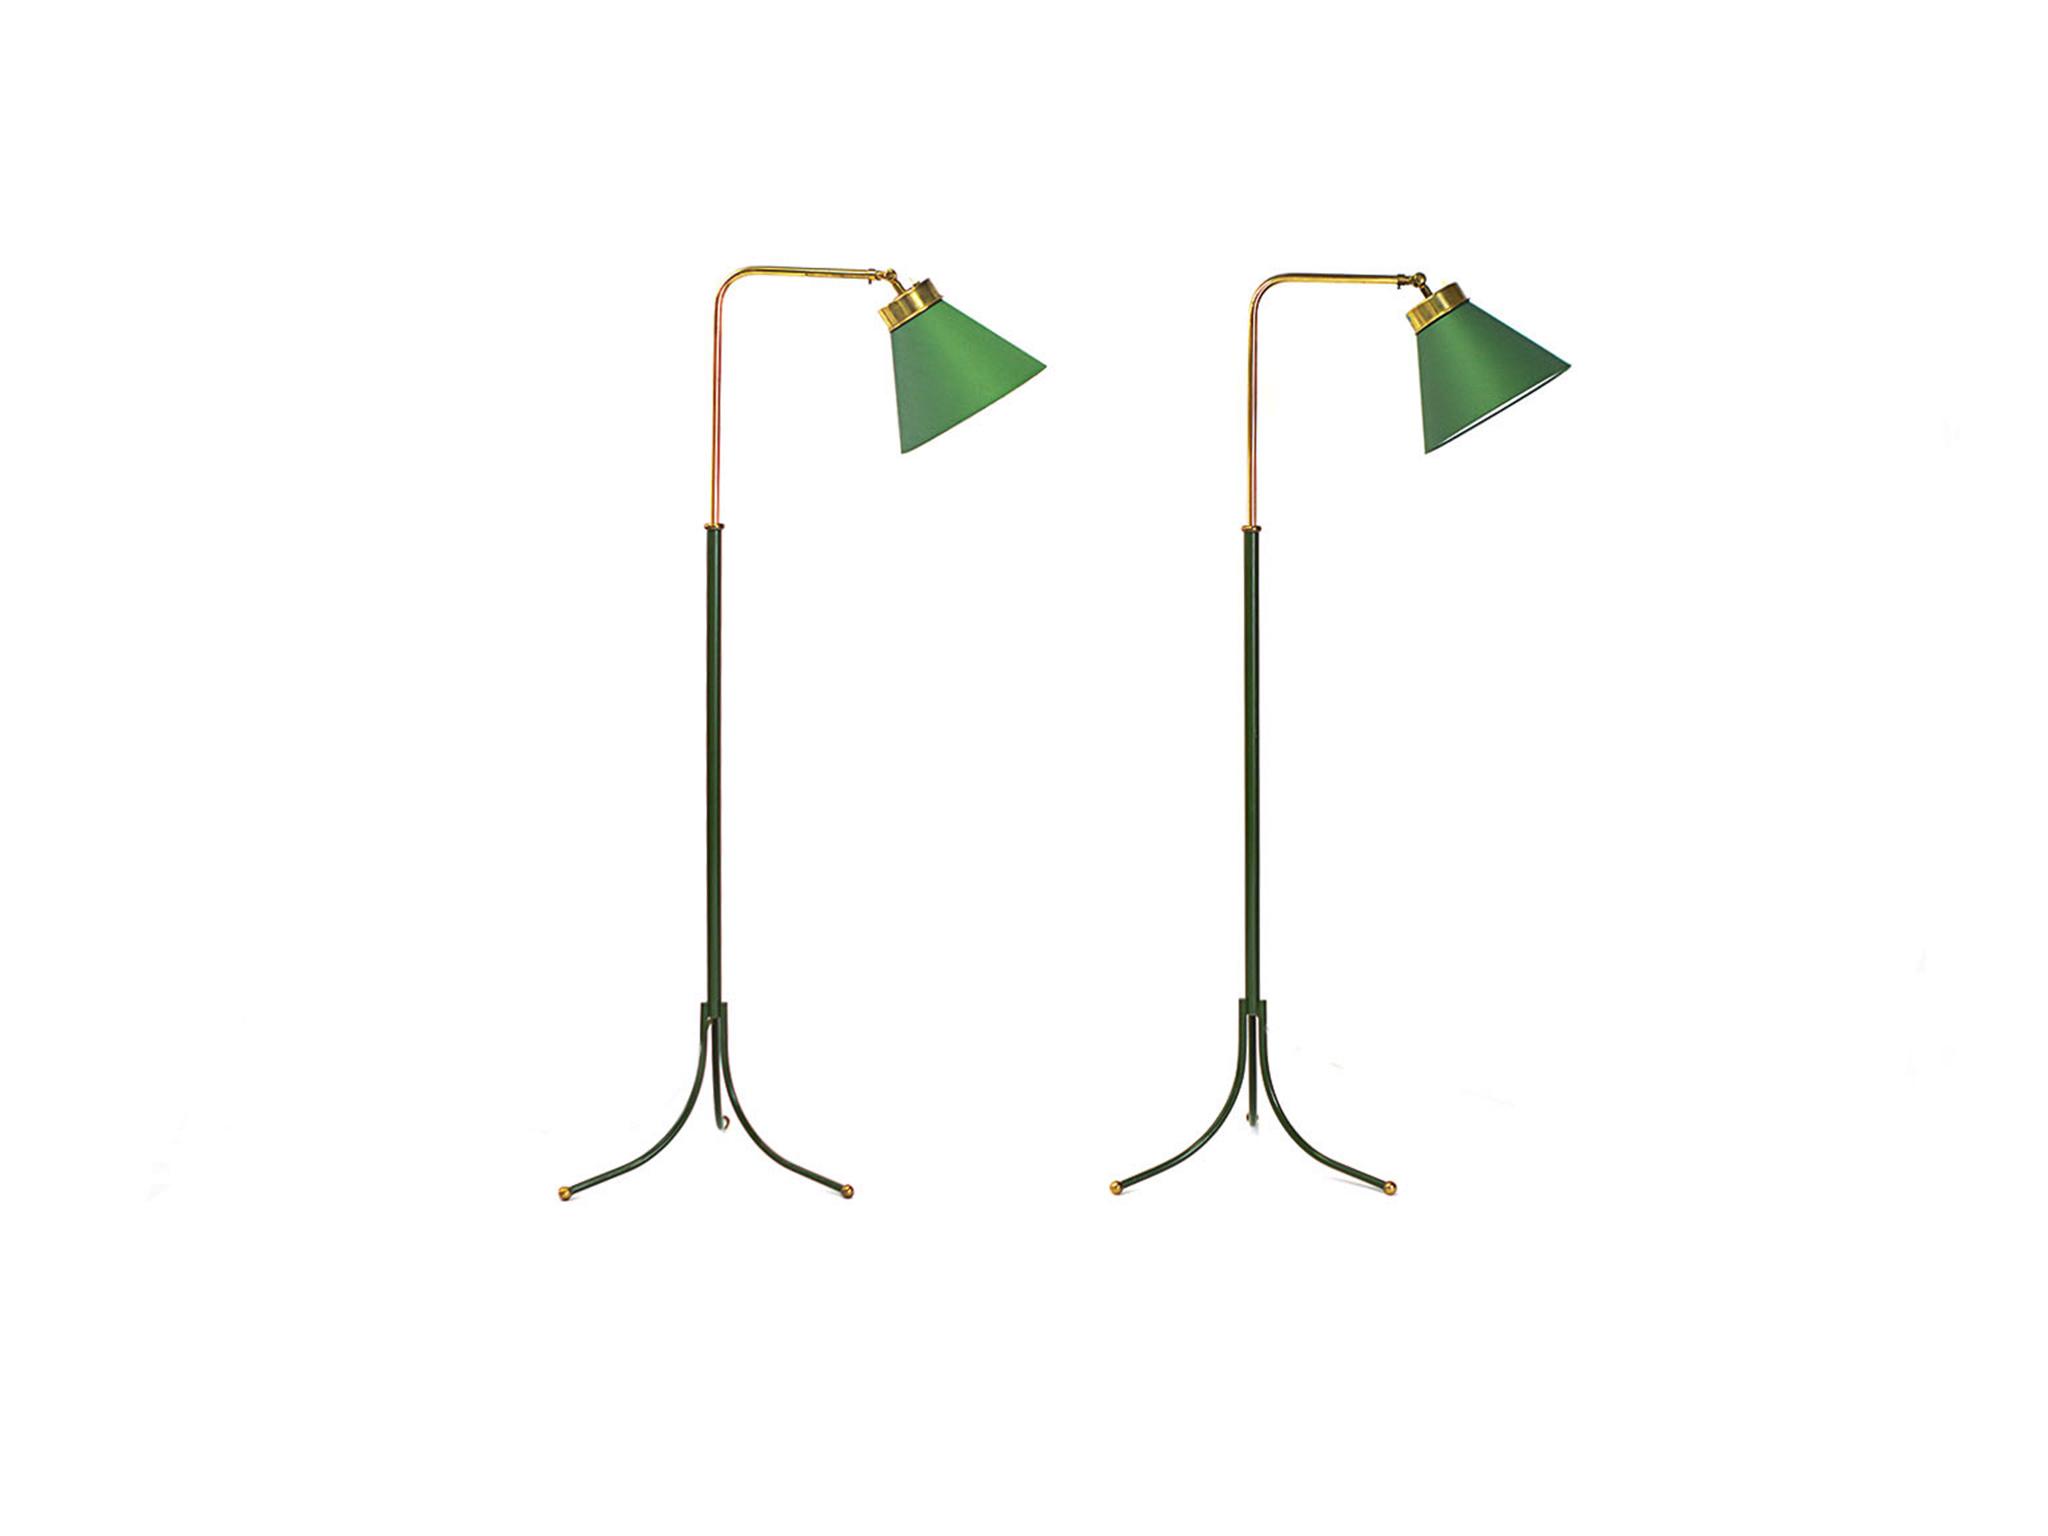 PAIR OF FLOOR LAMPS 1842 BY JOSEF FRANK FOR FIRMA SVENSKT TENN